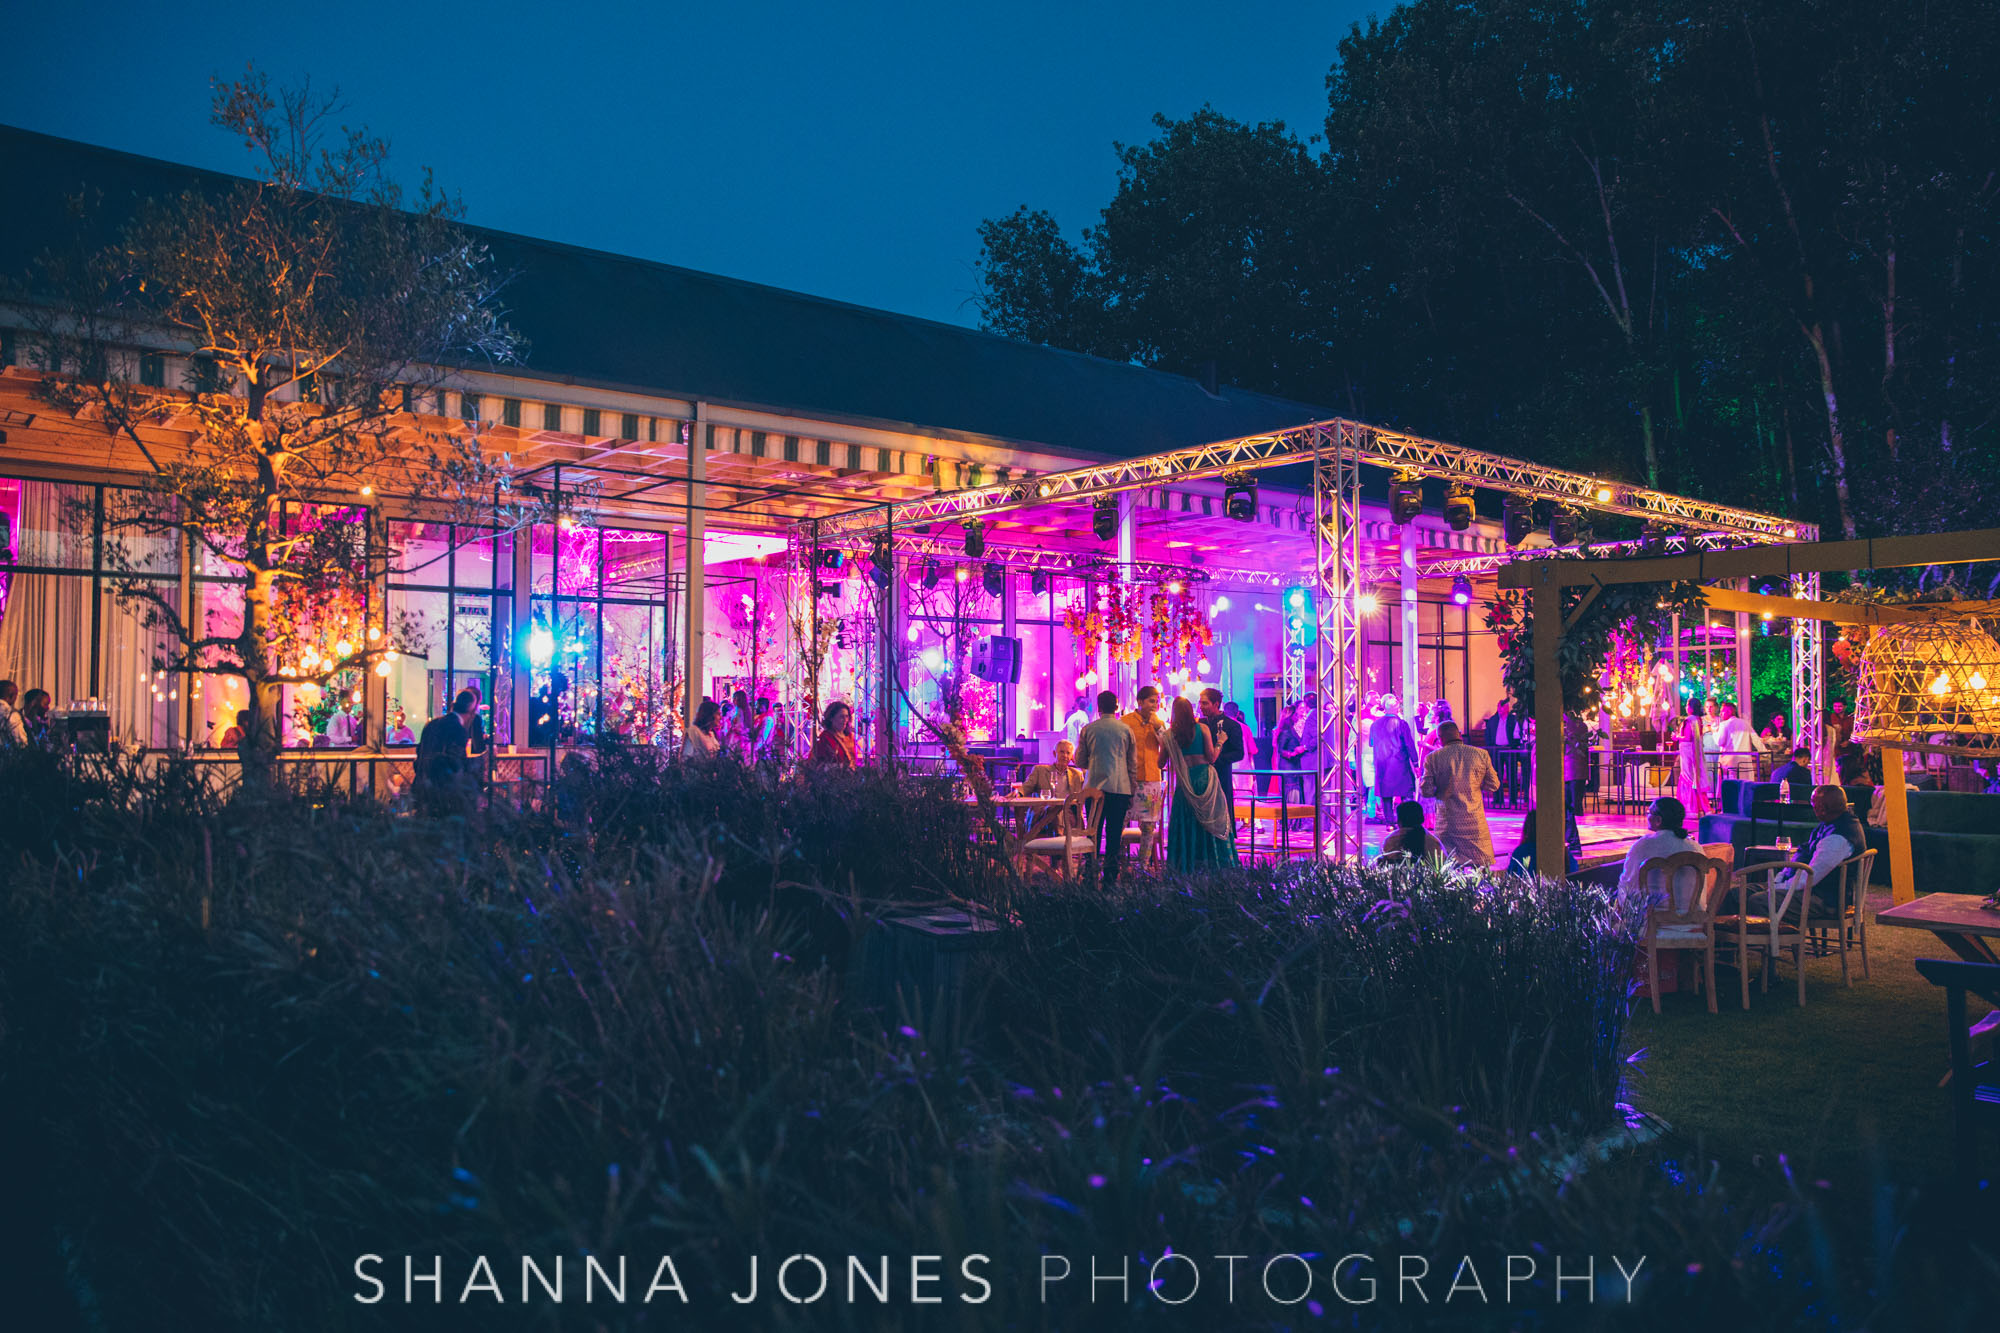 molenvliet-stellenbosch-cape-town-hindu-wedding-shanna-jones-photography-charlotte-kush-58.jpg